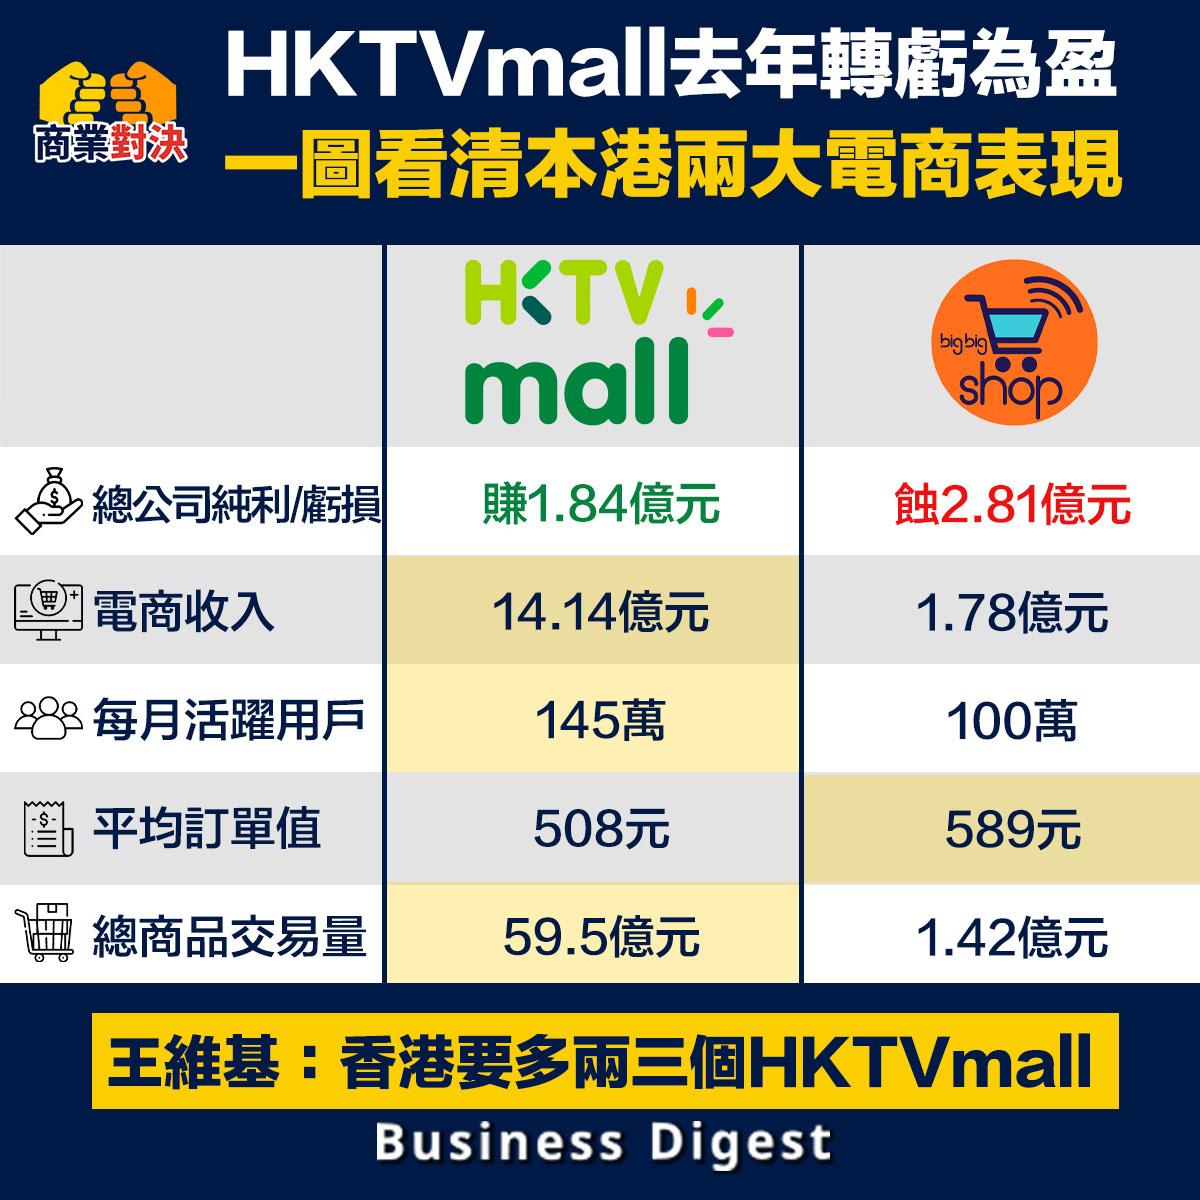 在香港做電商真的這麼好賺?這裡不妨對比一下本港兩大電商平台HKTVmall和Big Big Shop的表現。